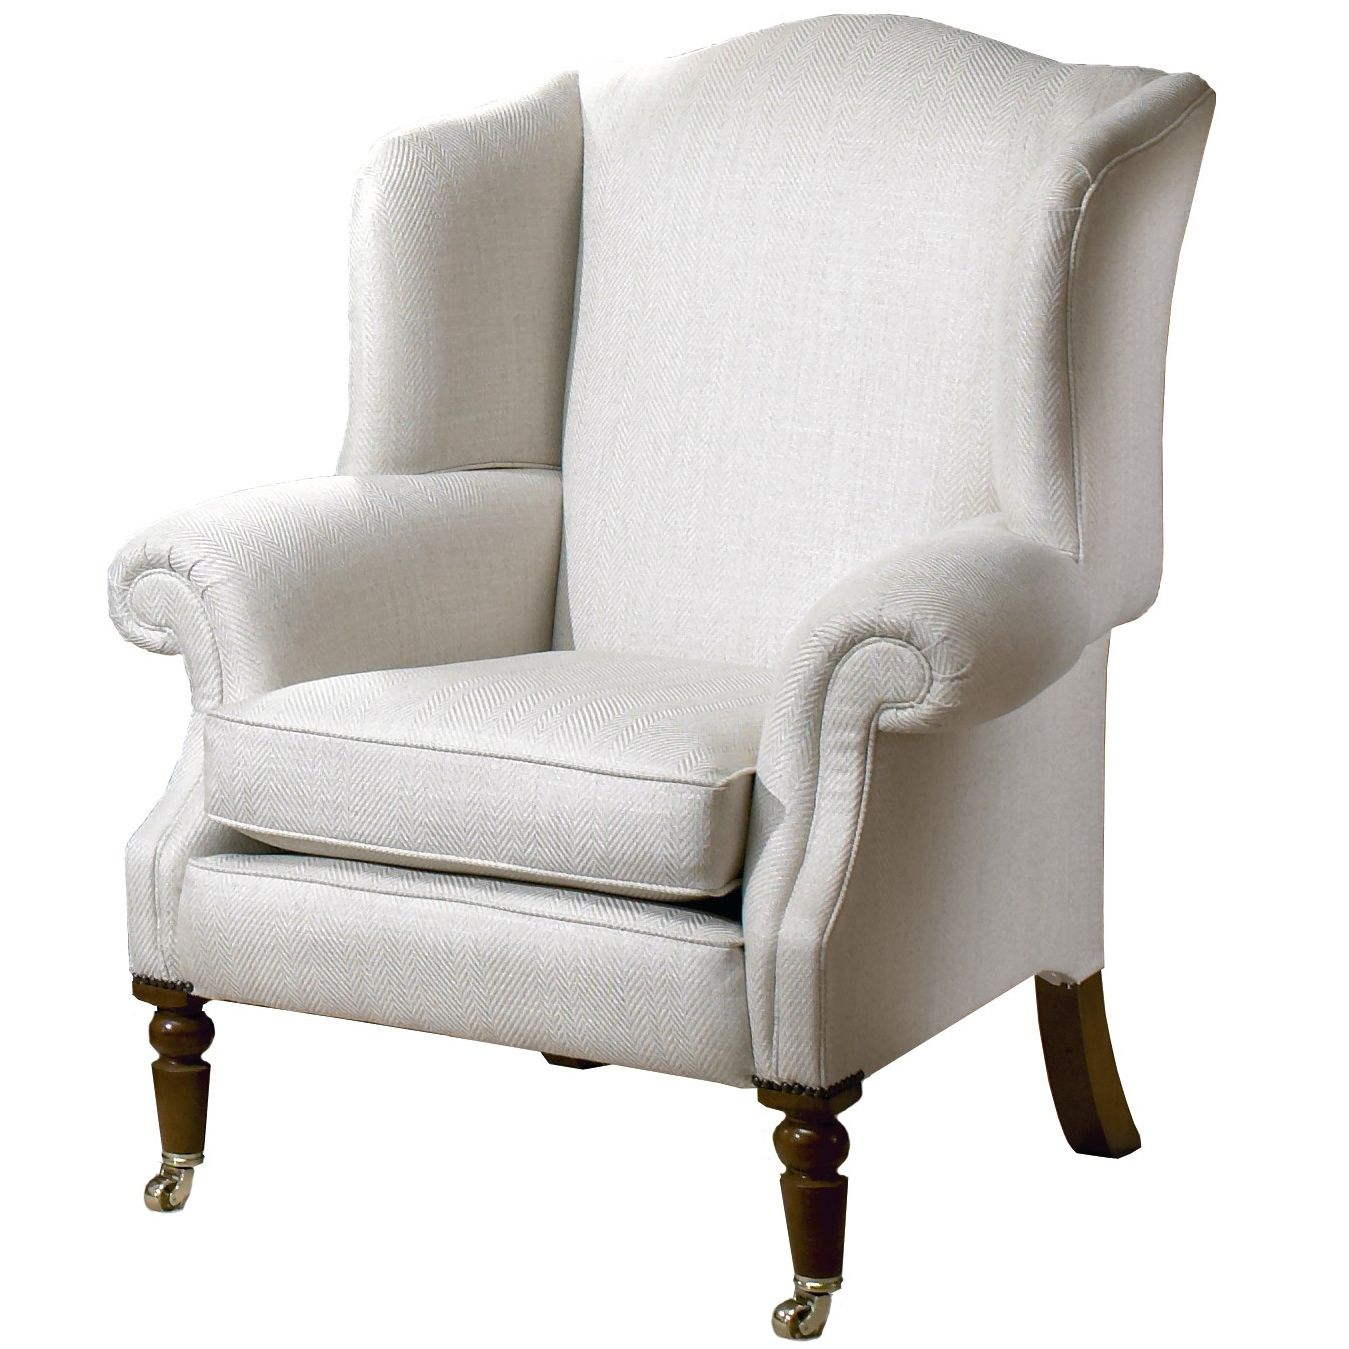 Duresta Cadogan Wing Chair, Linen